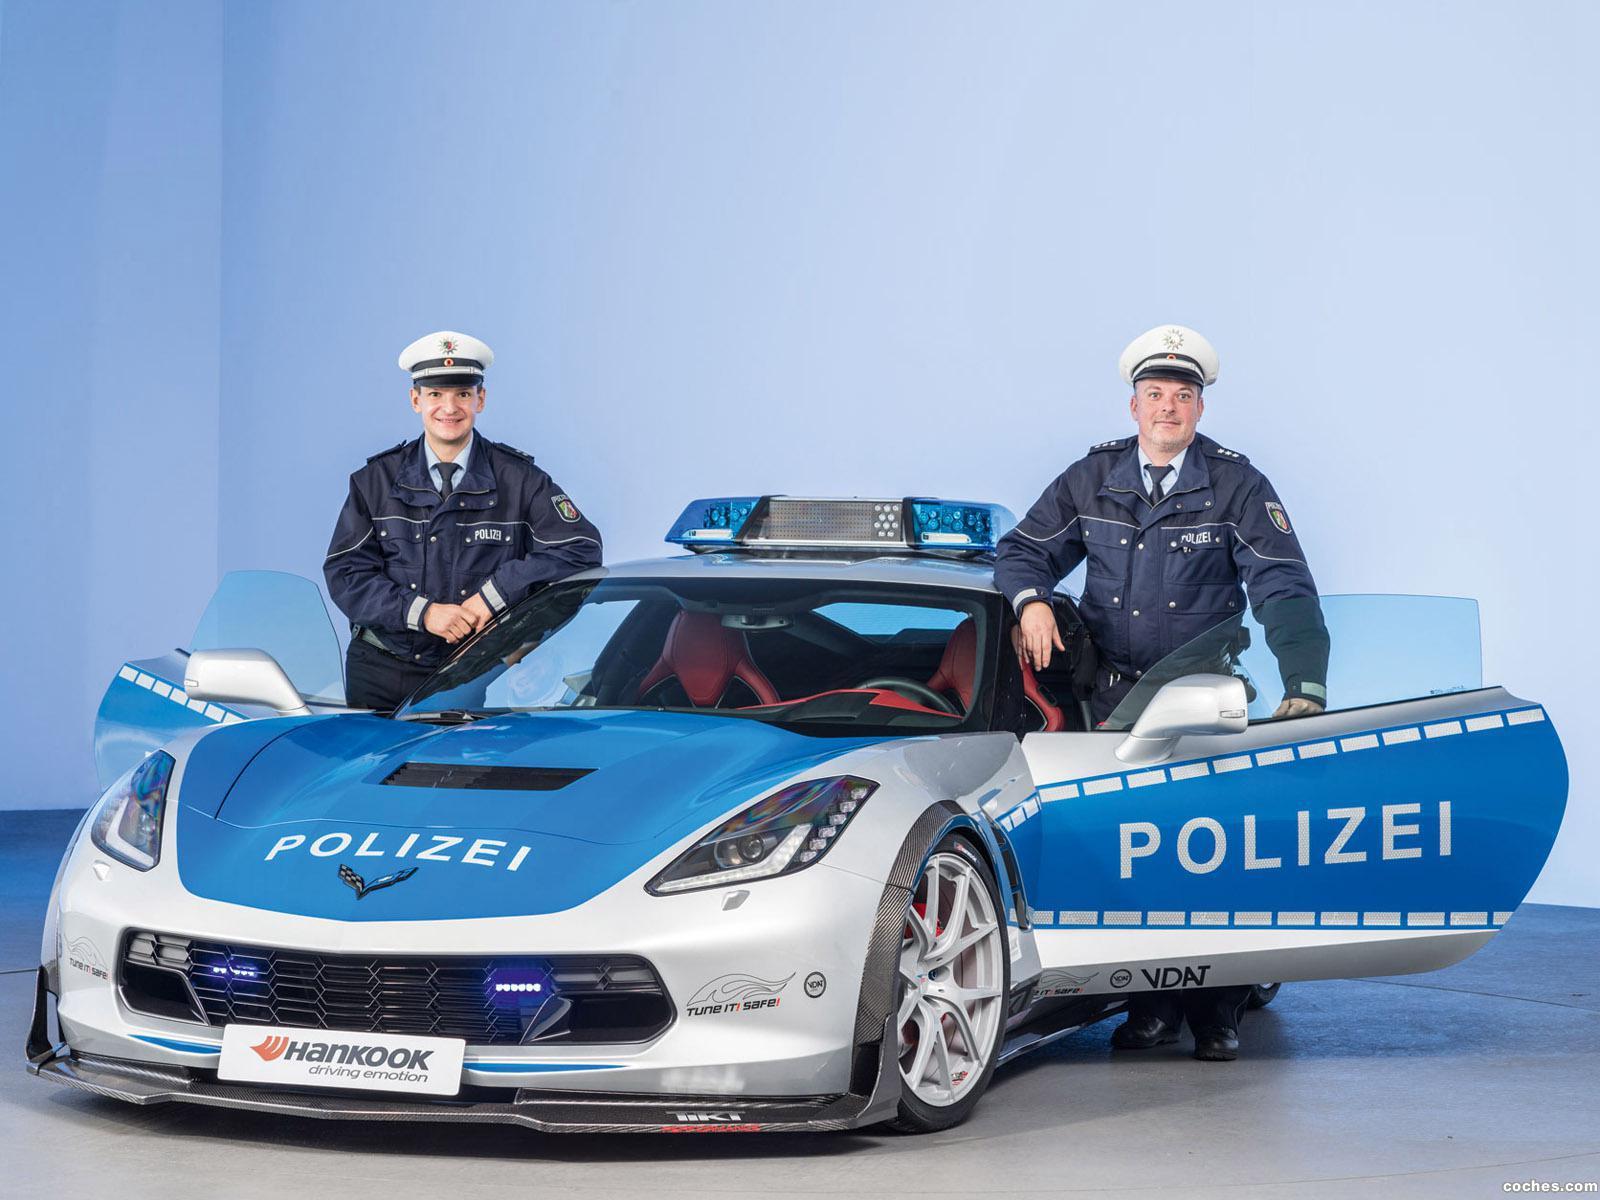 Foto 3 de Chevrolet Corvette C7 Stingray Coupe Polizei Safe Concept 2015